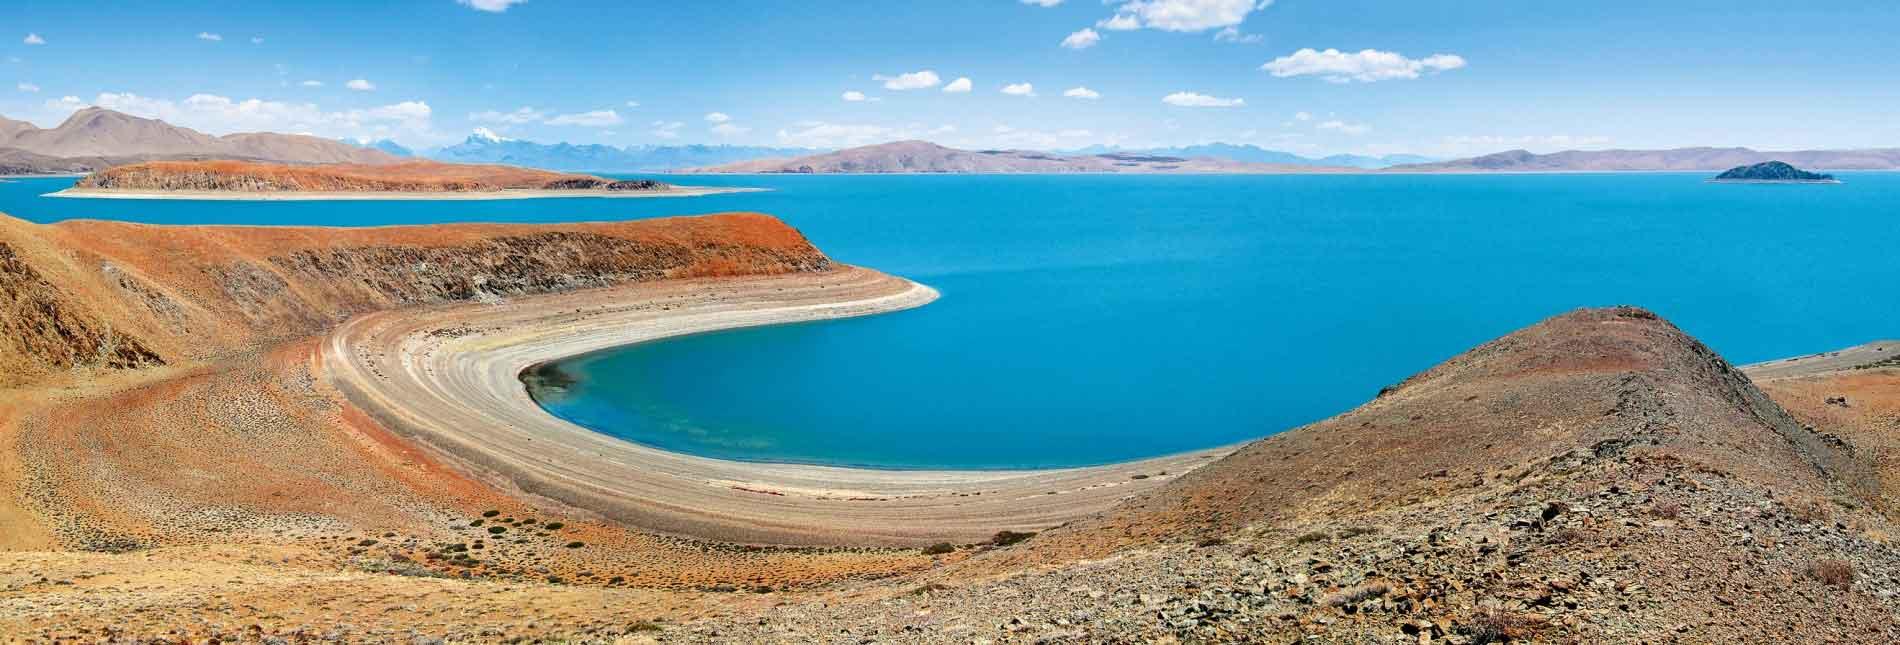 На островах озера Ракшас Тал